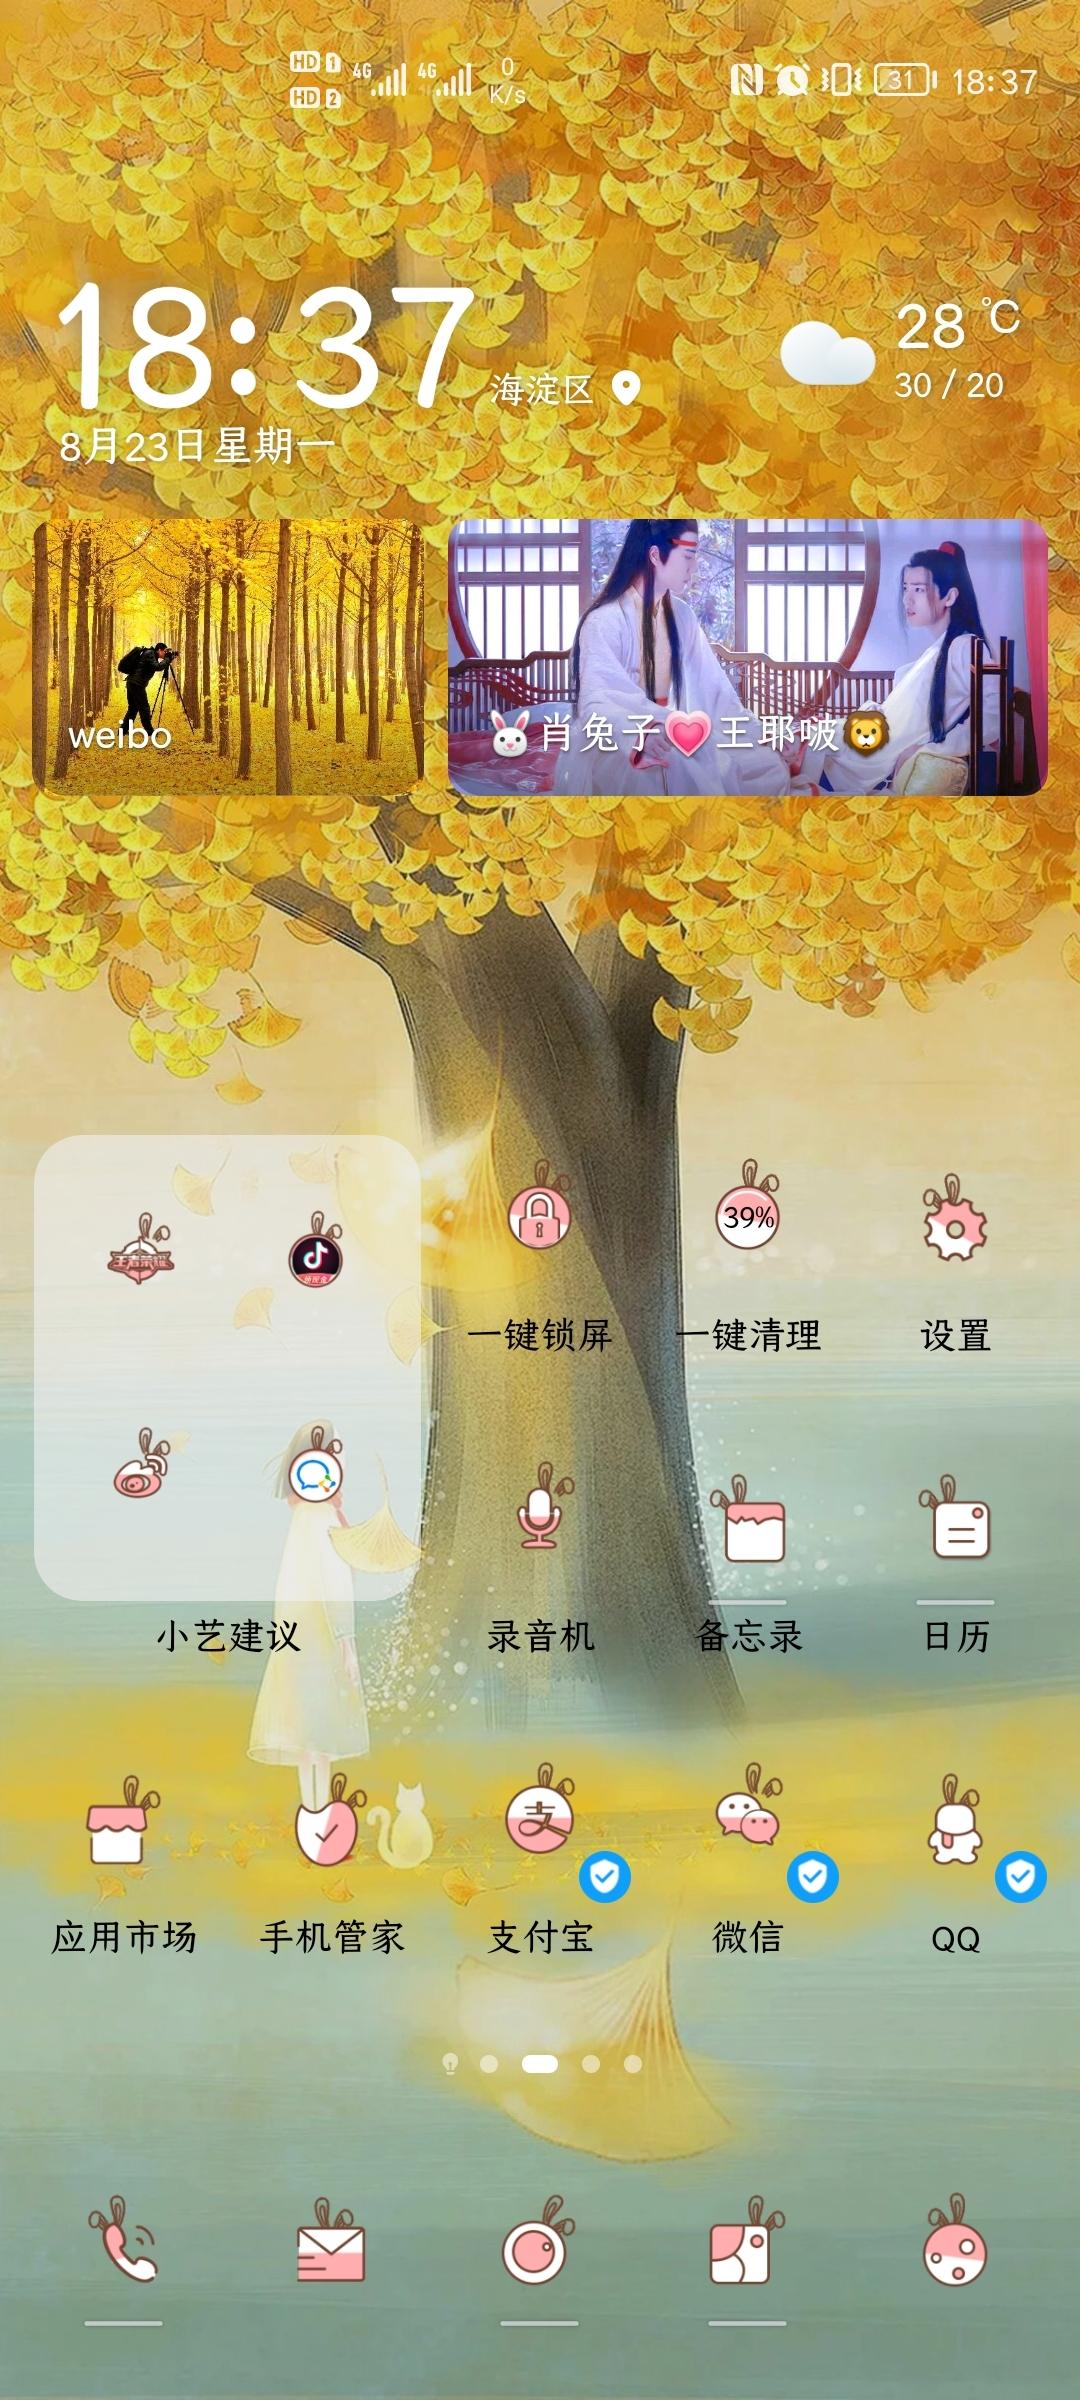 Screenshot_20210823_183759_com.huawei.android.launcher.jpg